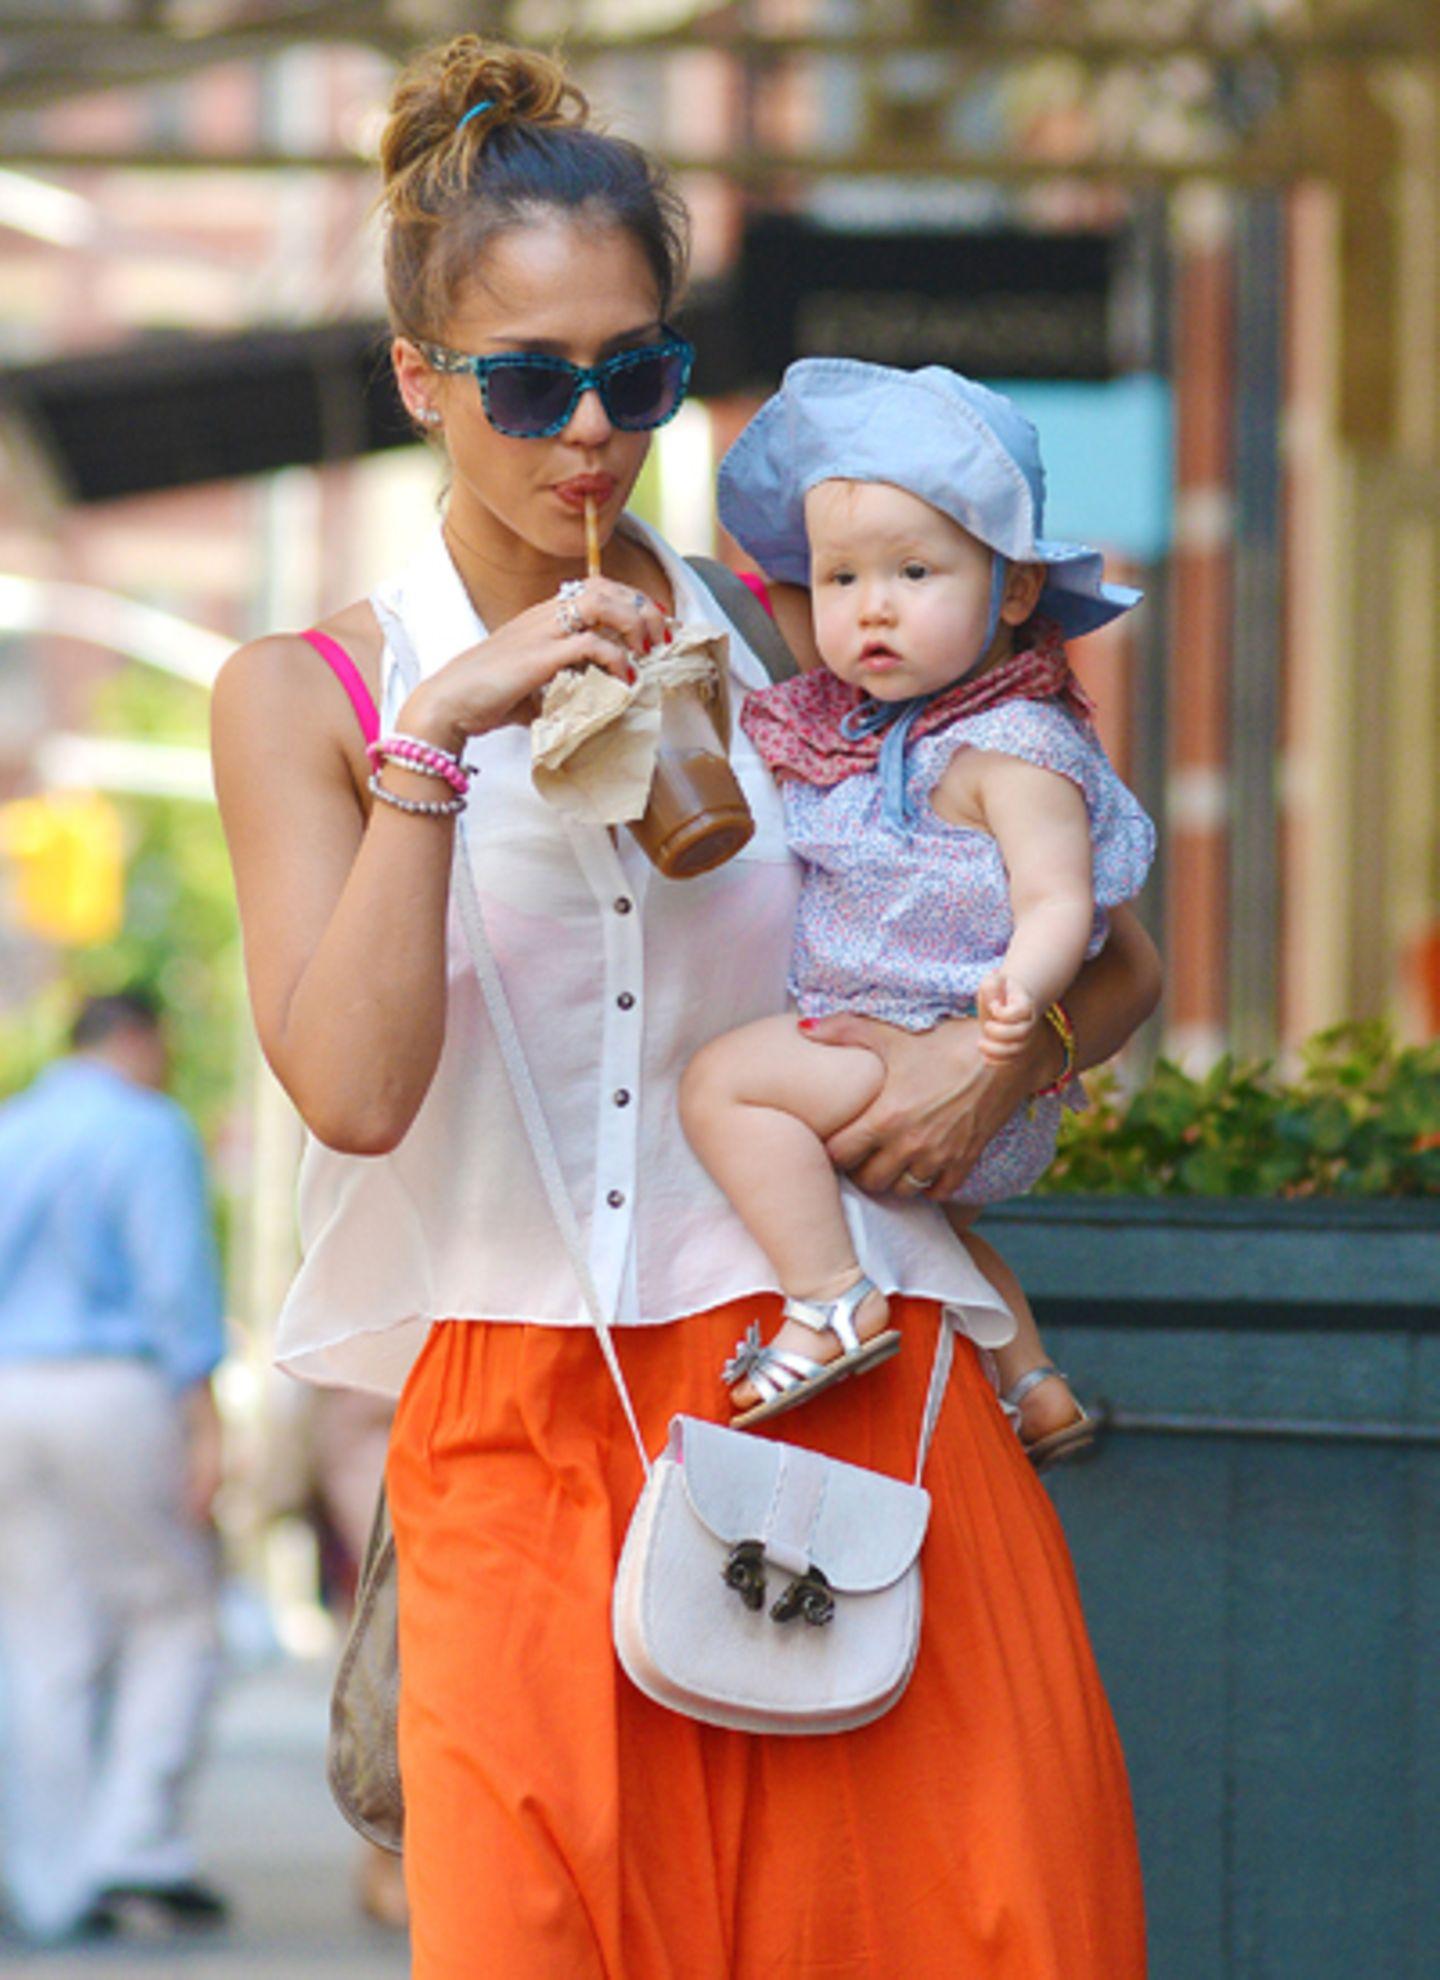 Jessica Alba ist mit ihren Töchtern Honor und Haven auf dem Weg zum Mittagessen in New York. Die kleine Haven scheint ganz faszi